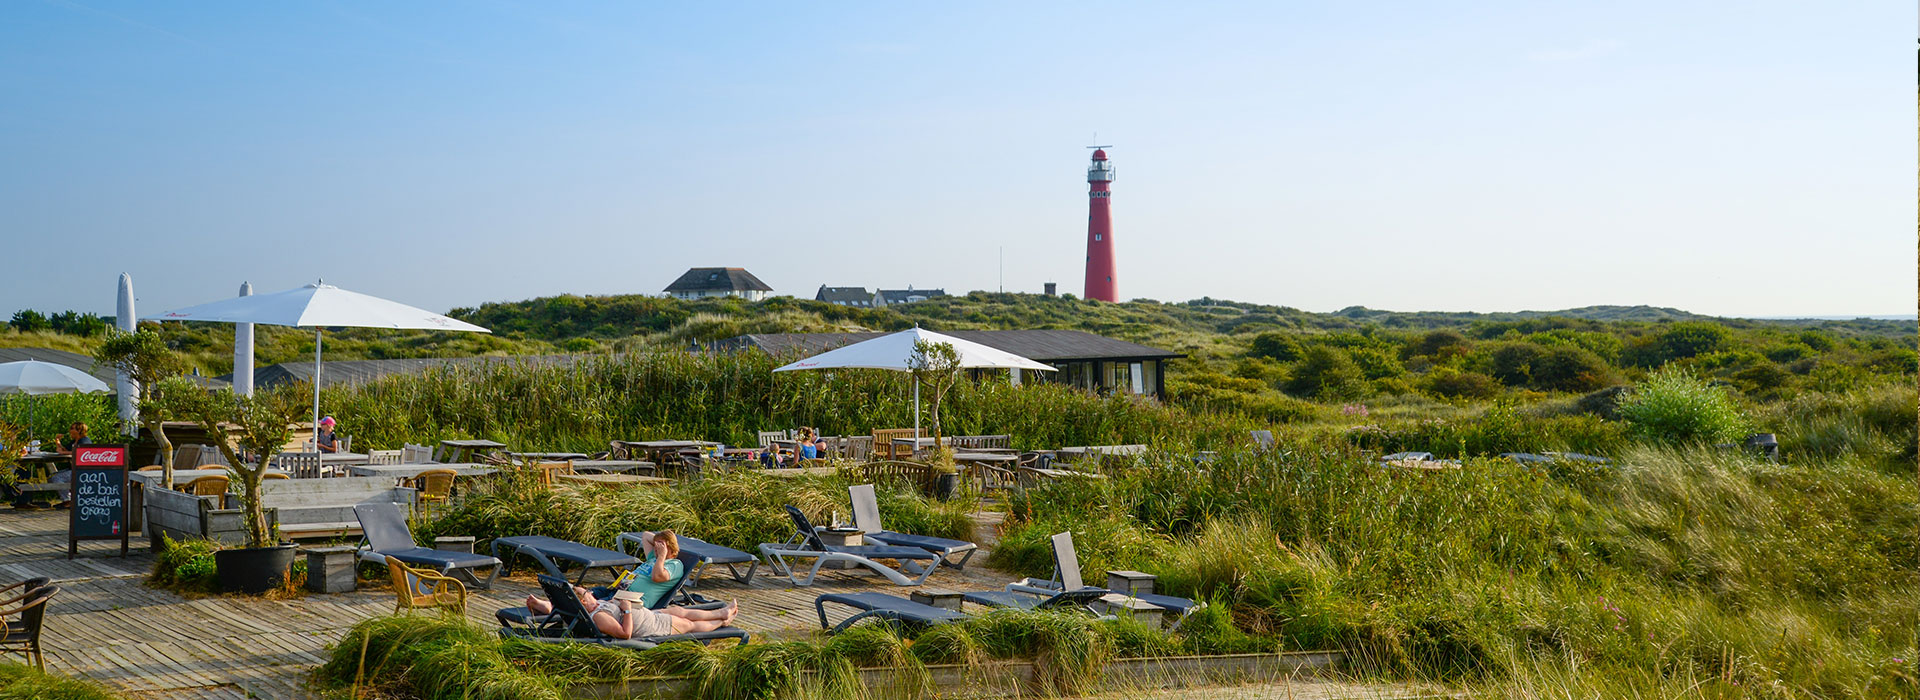 Dagtrip-Schiermonnikoog-vakantie-in-Friesland-Ljeppershiem-vakantiepark-vuurtoren